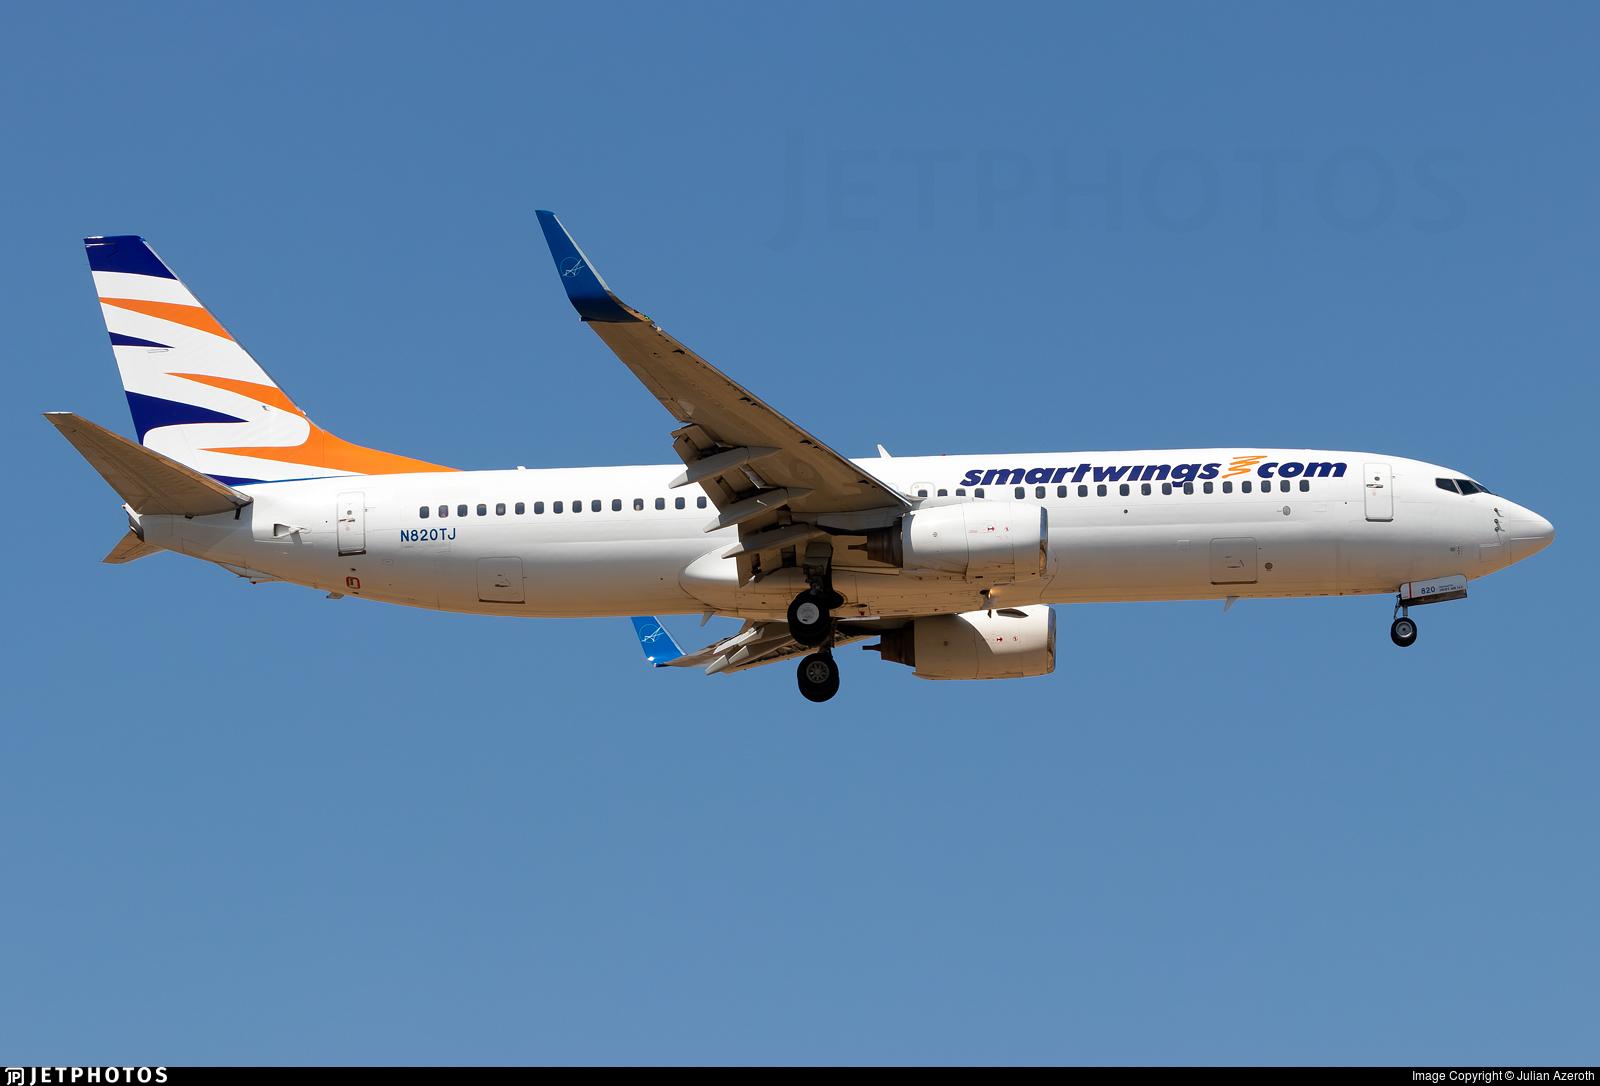 N820TJ - Boeing 737-8Q8 - SmartWings (Swift Air)